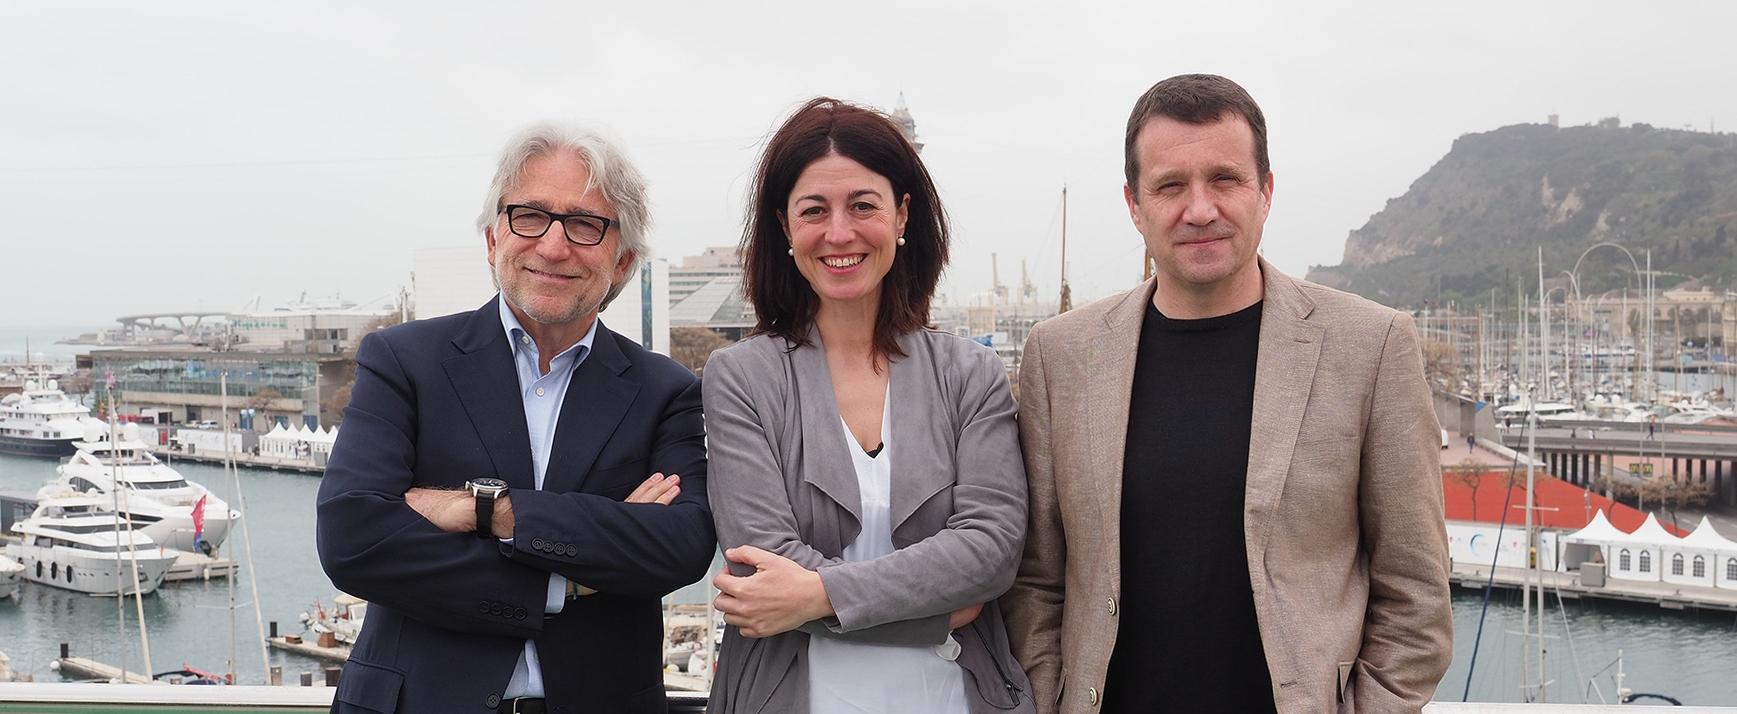 El president de Foment visita Barcelona Tech City per renovar l'aliança amb l'ecosistema tecnològic de la ciutat